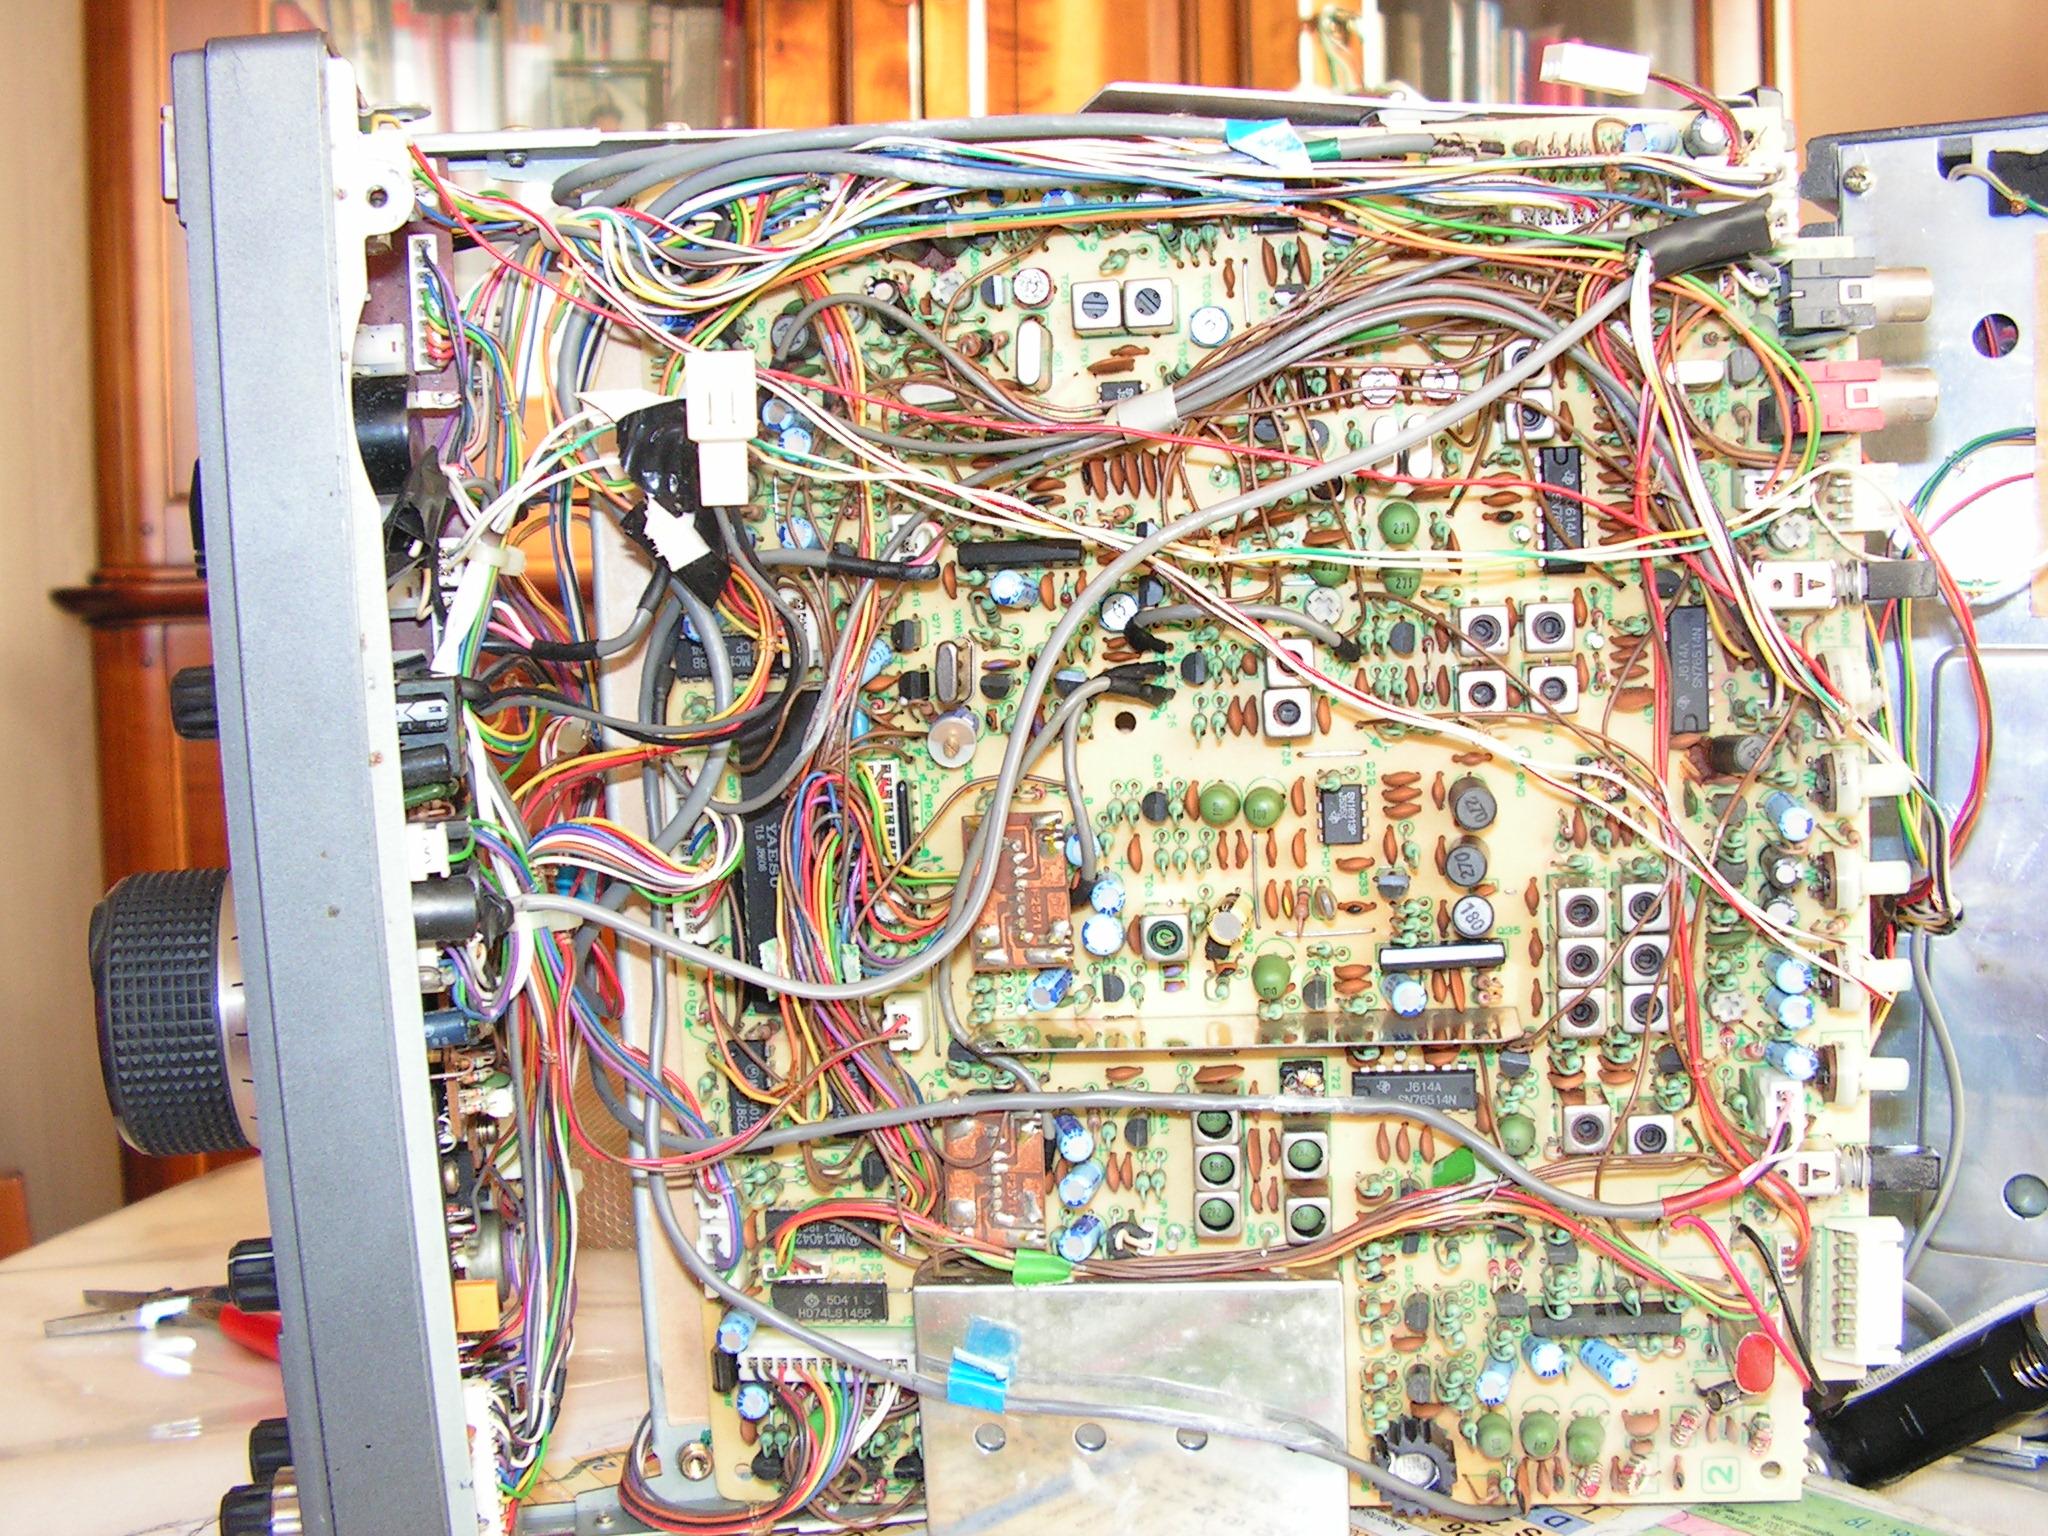 Remplacement de pile FT757 - Perte de mémoire Ft757-03